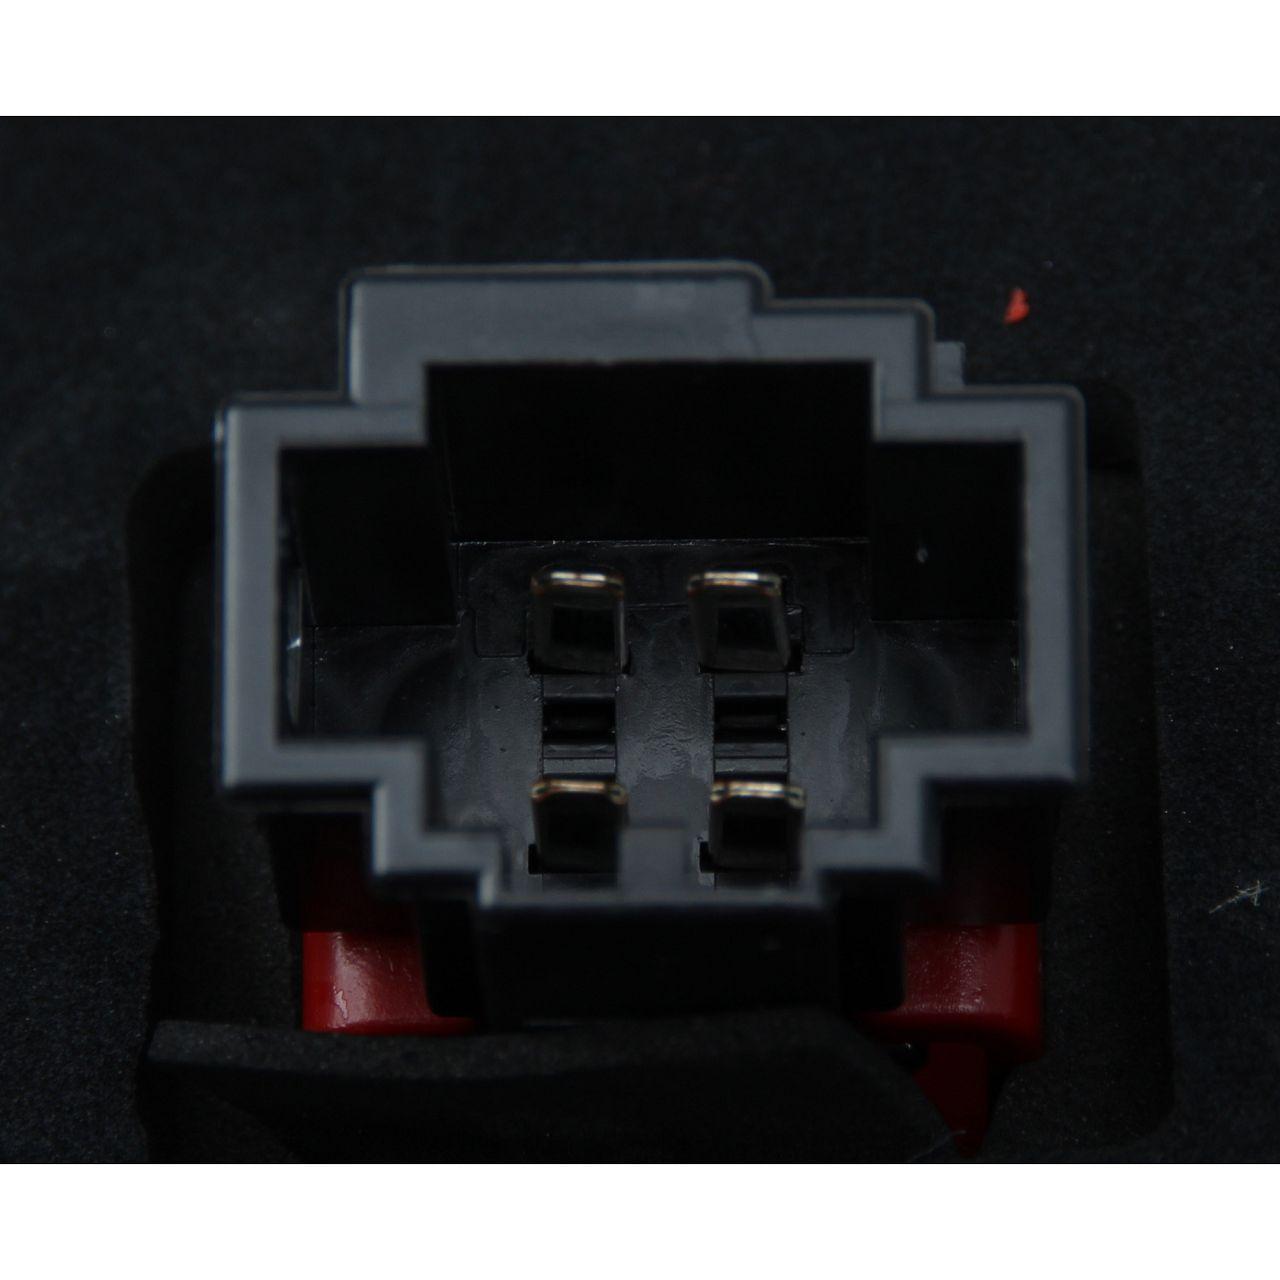 MAGNETI MARELLI Heckleuchte Rückleuchte LED für AUDI Q7 4L Facelift-Modell links